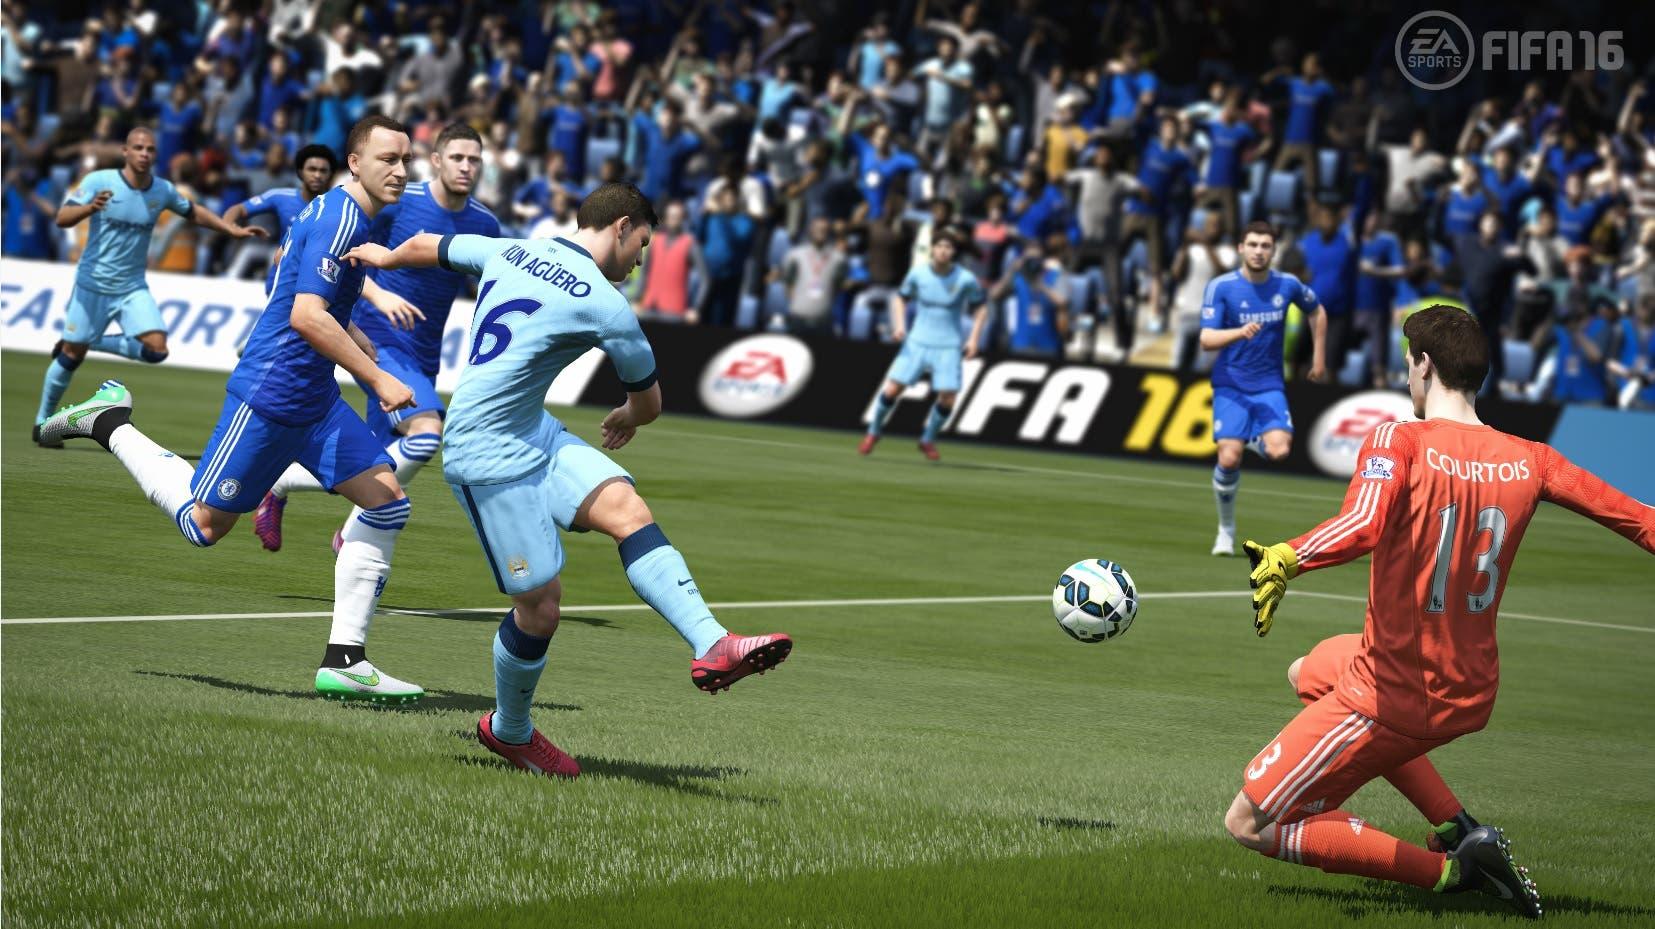 FIFA16_XboxOne_PS4_FirstParty_Chelsea_vs_City_baja-1